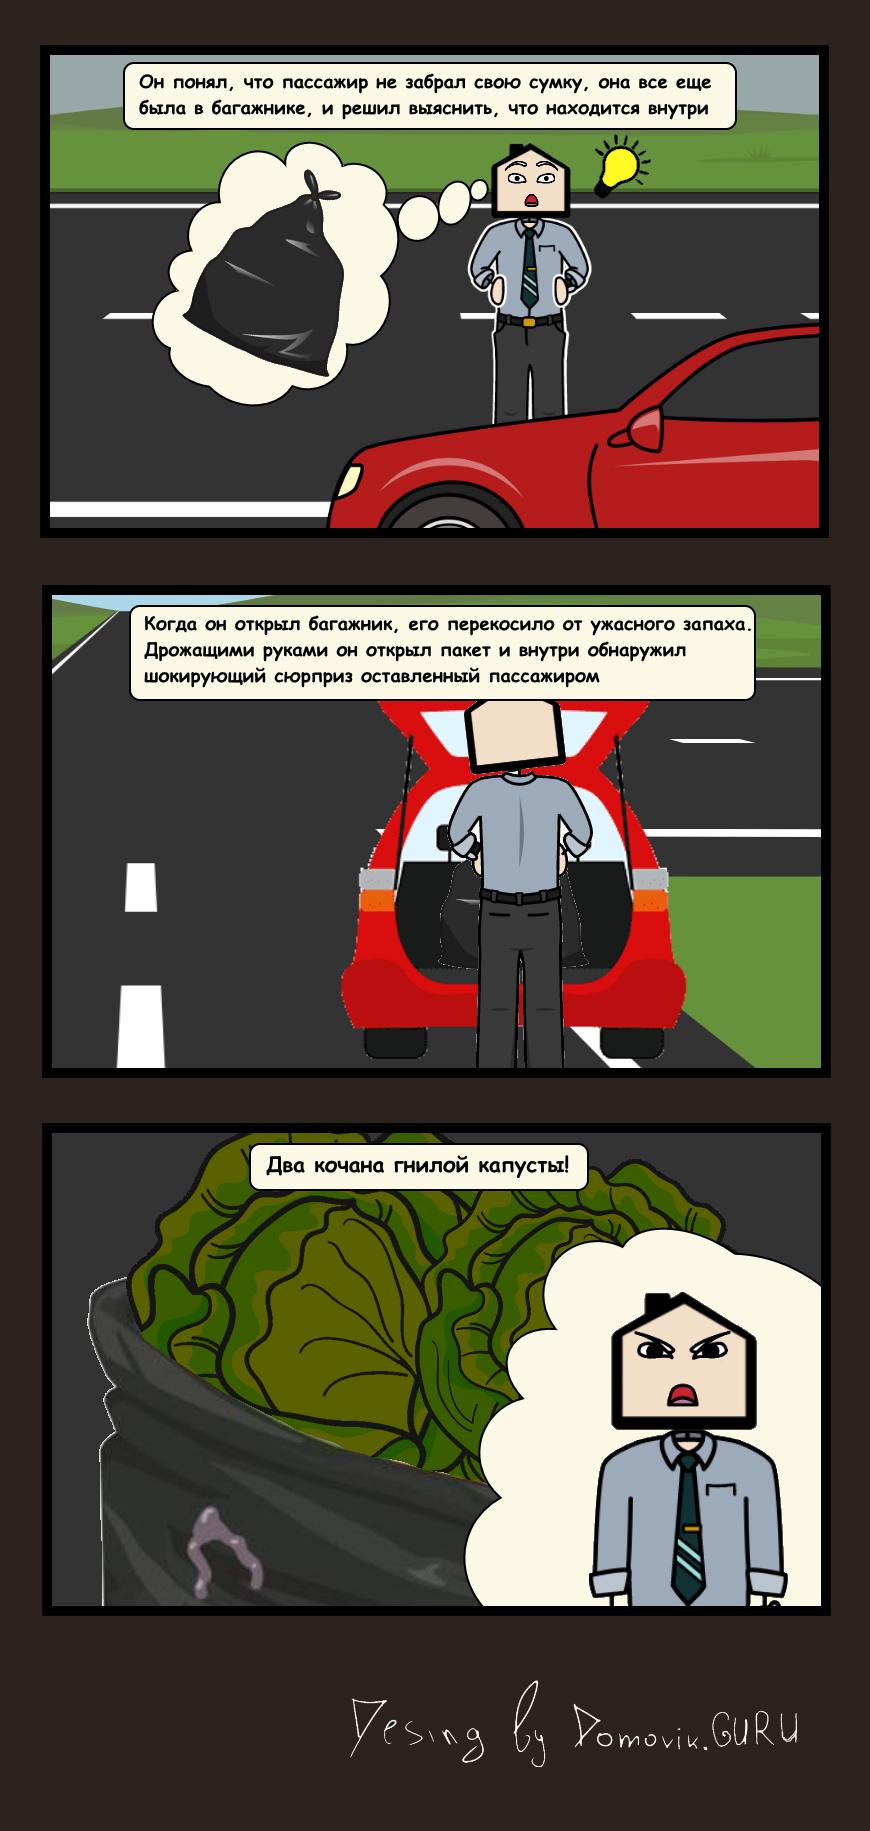 Комиксы домовик.гуру